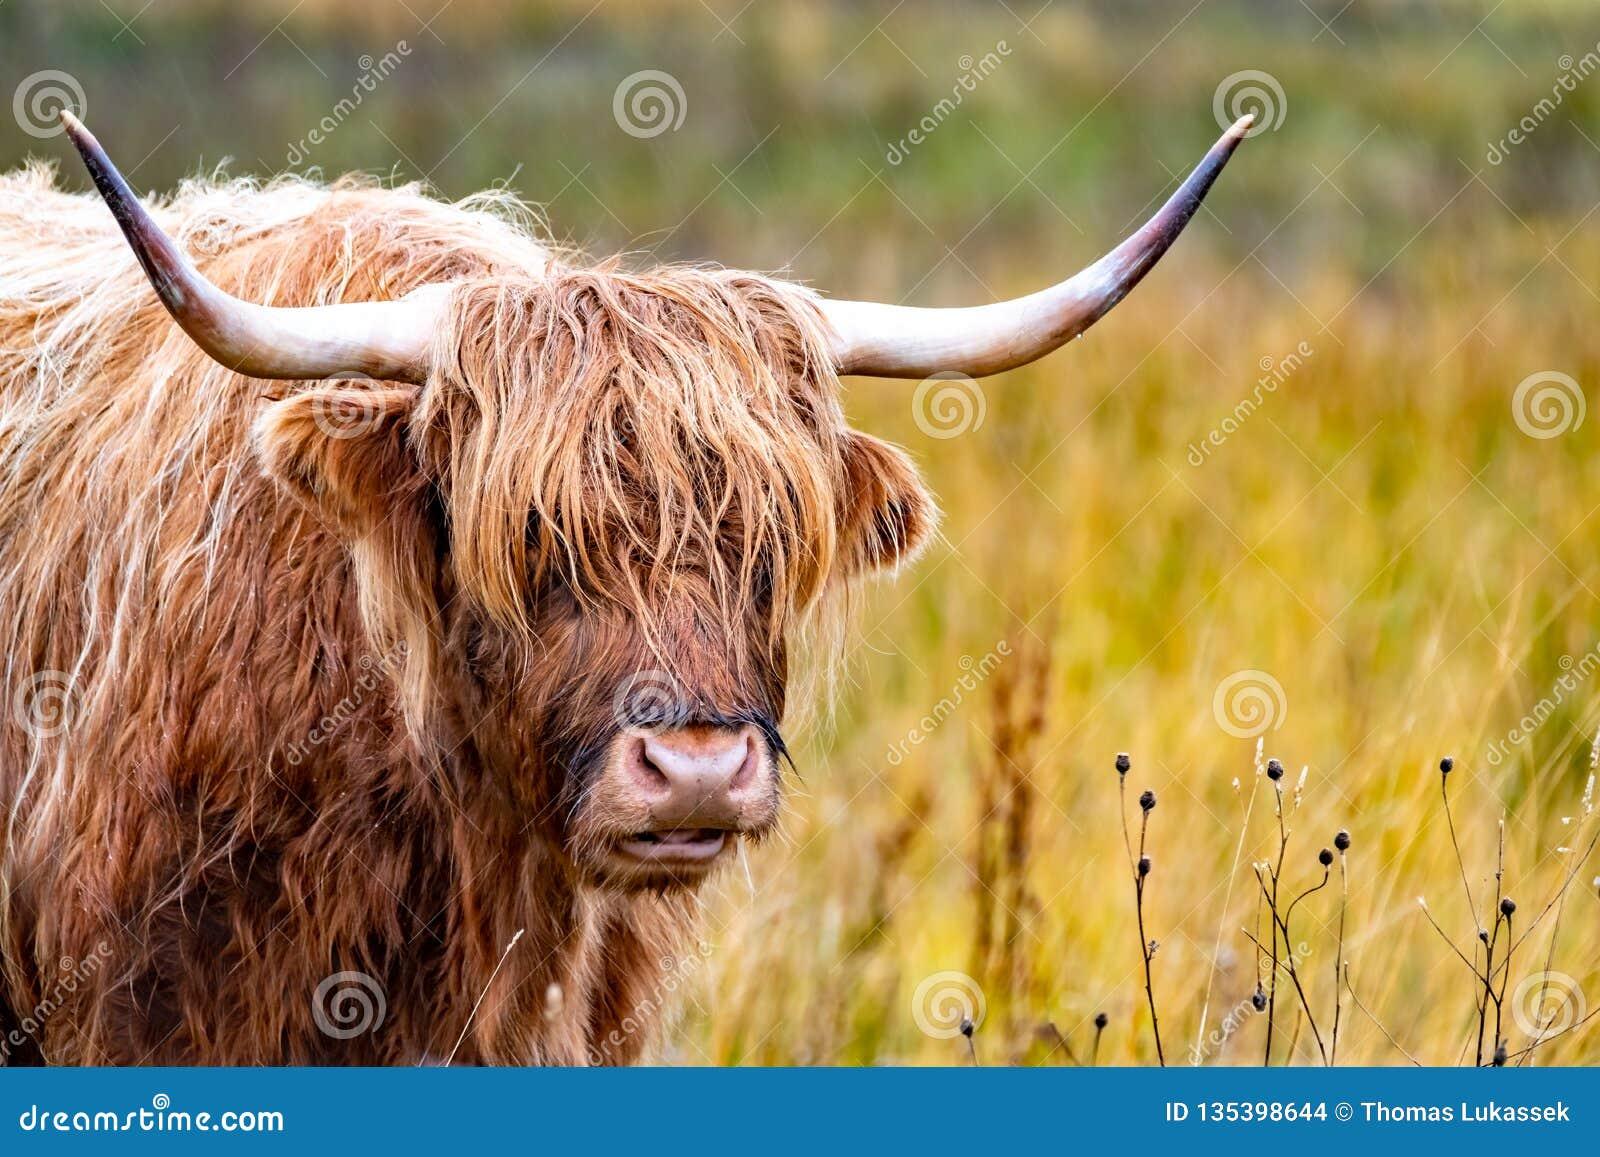 Bestiame dell altopiano - coo della BO Ghaidhealach - di Heilan - una razza di bestiami scozzese con i corni lunghi caratteristic